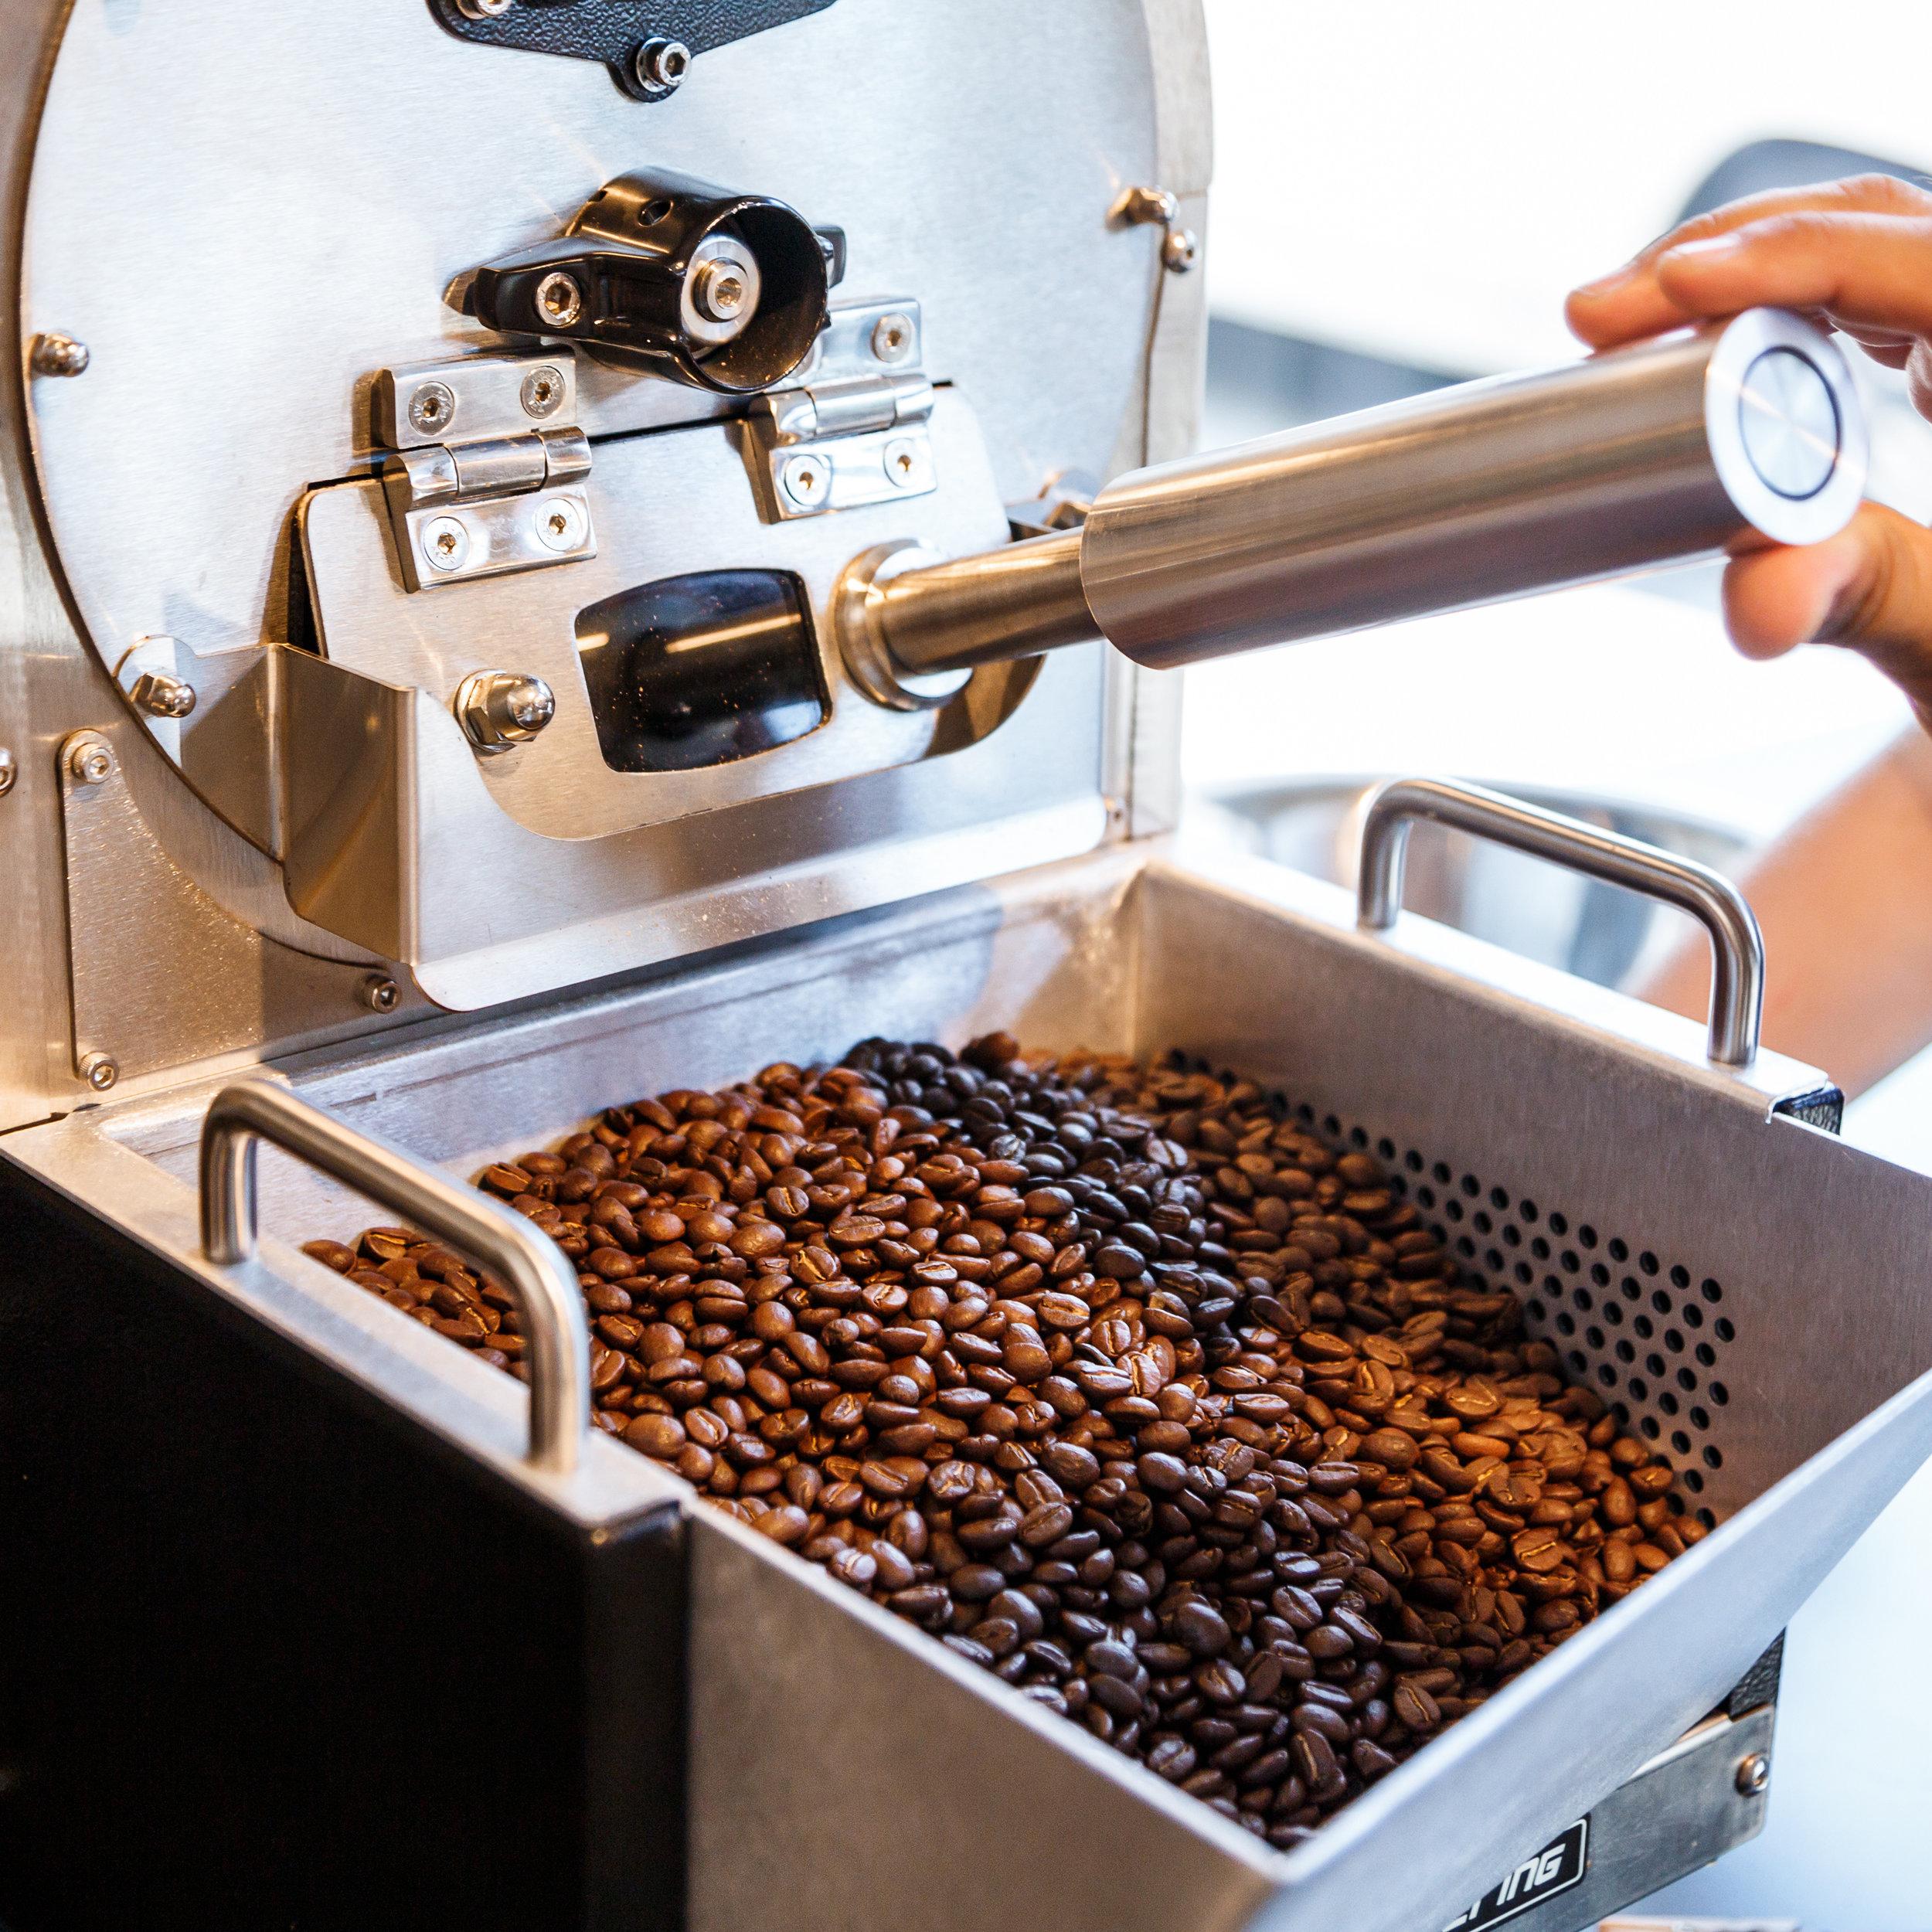 WEBA roast  Für alle, die Kaffee vor den Augen Ihrer Kunden rösten wollen, und die Liebe zu Lebens- und Genuss-Mitteln innehaben.